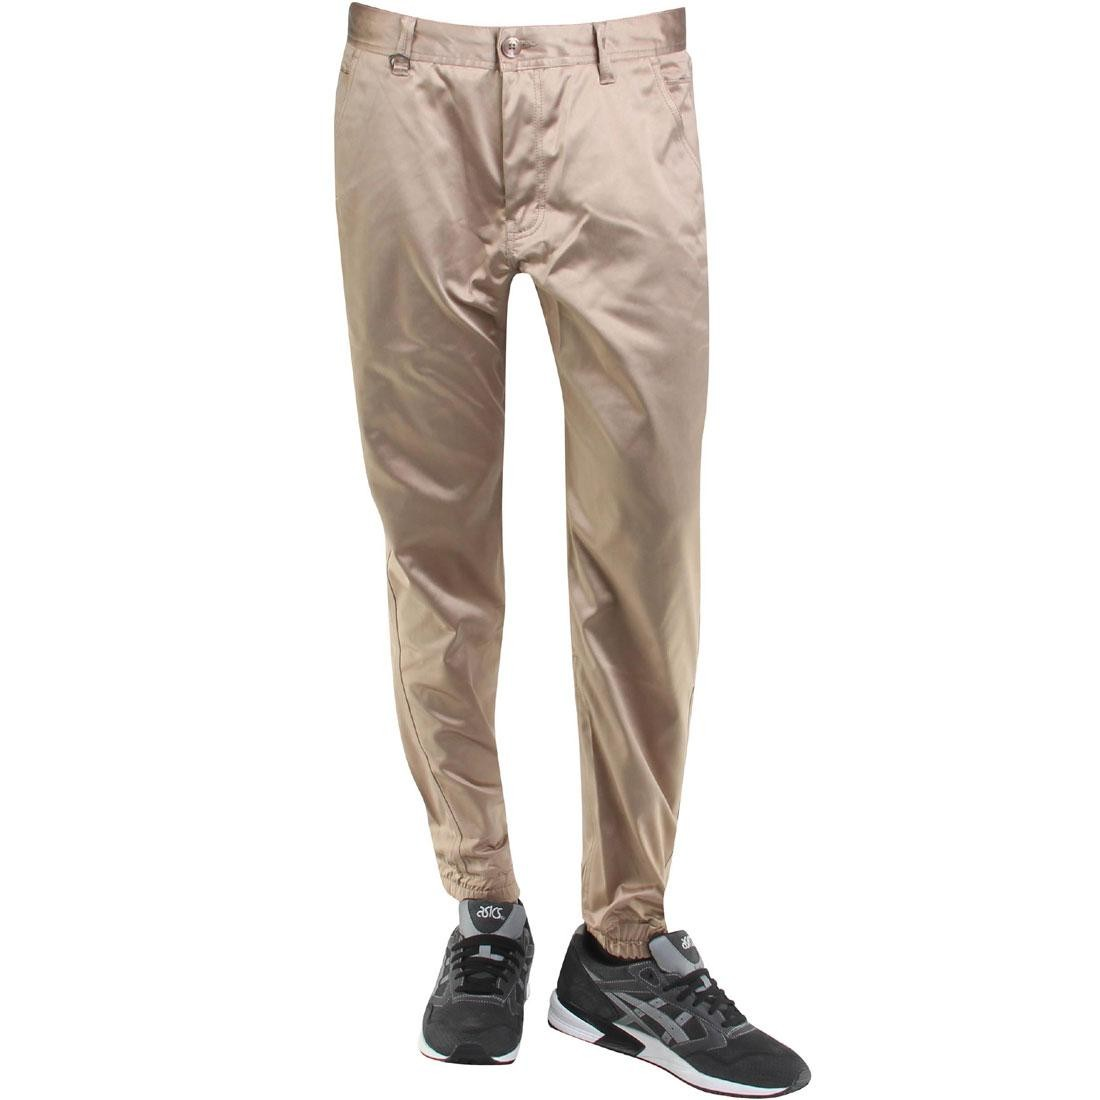 【海外限定】パブリッシュ サテン ズボン メンズファッション 【 PUBLISH LANDIS SATIN TWILL JOGGER PANTS TAN 】